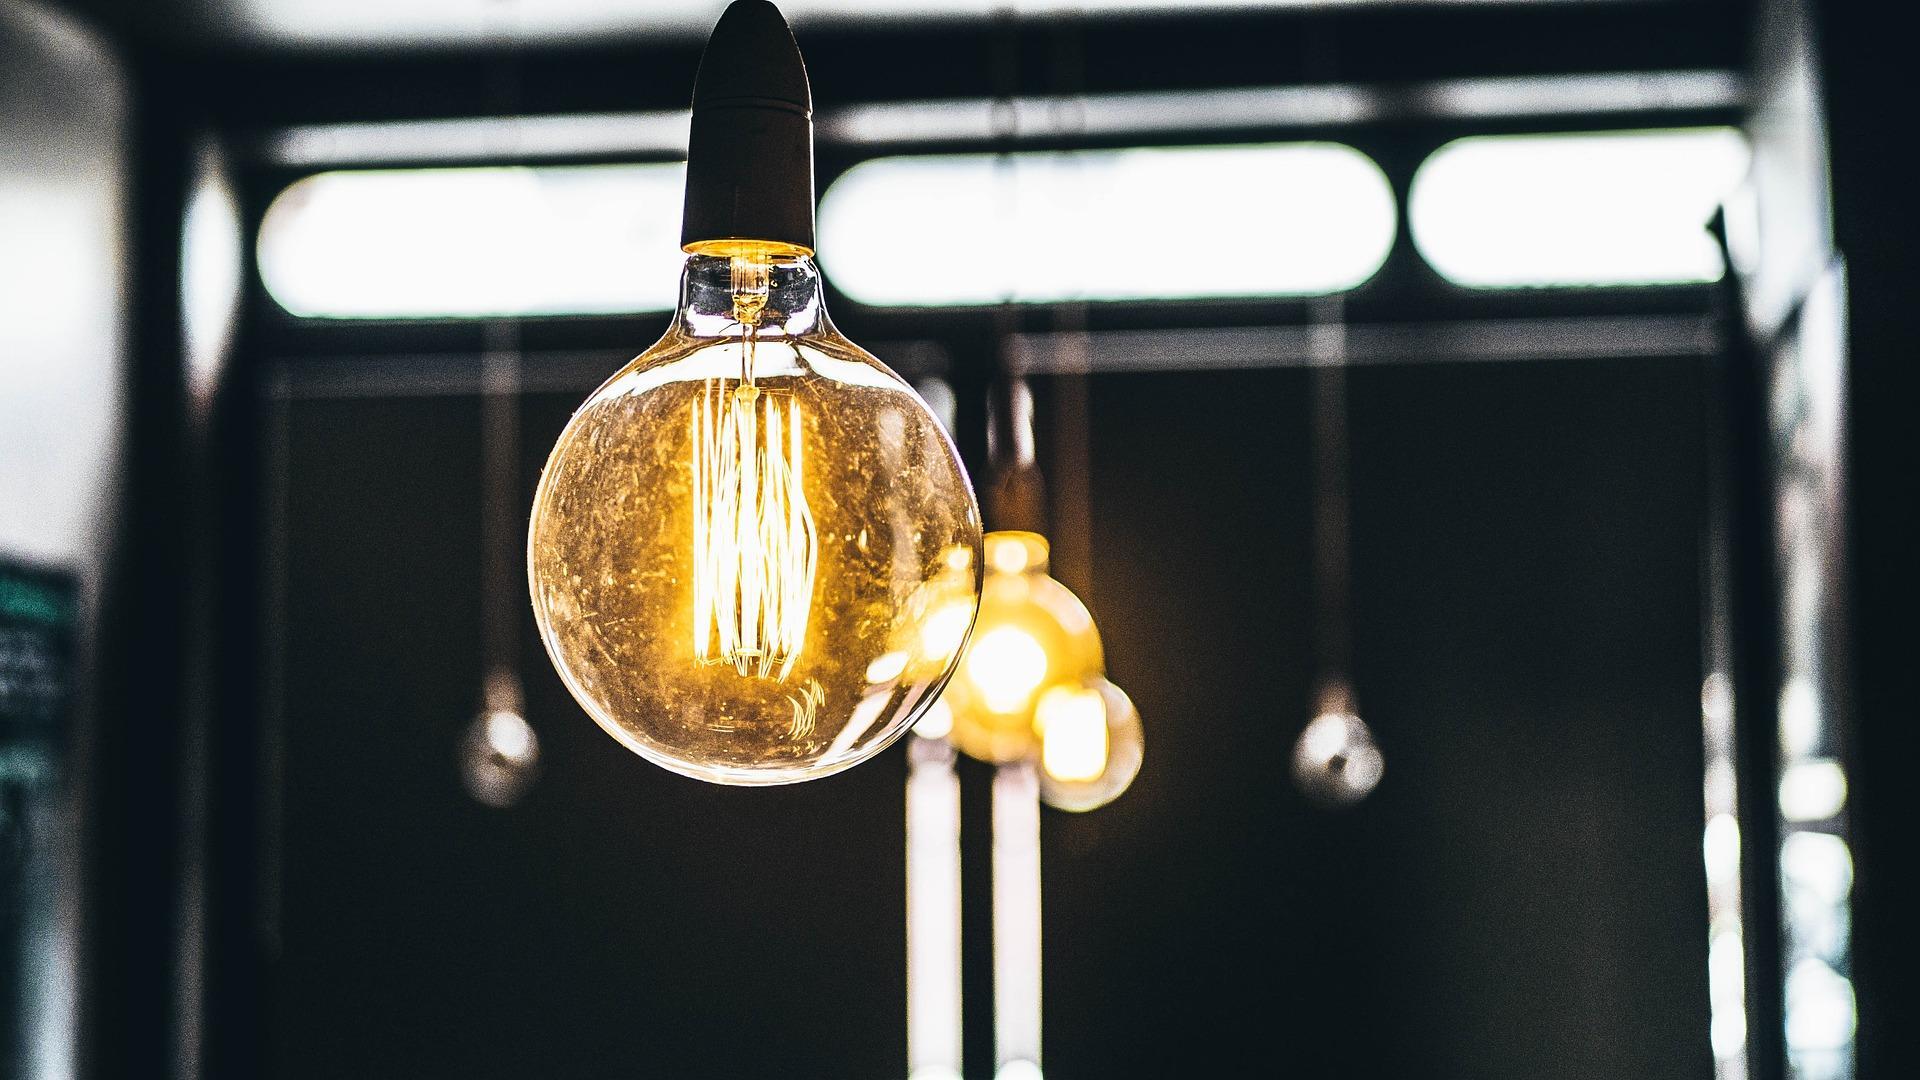 Lampe formet som en lyspære henger ned fra et tak og lyser opp rommet.